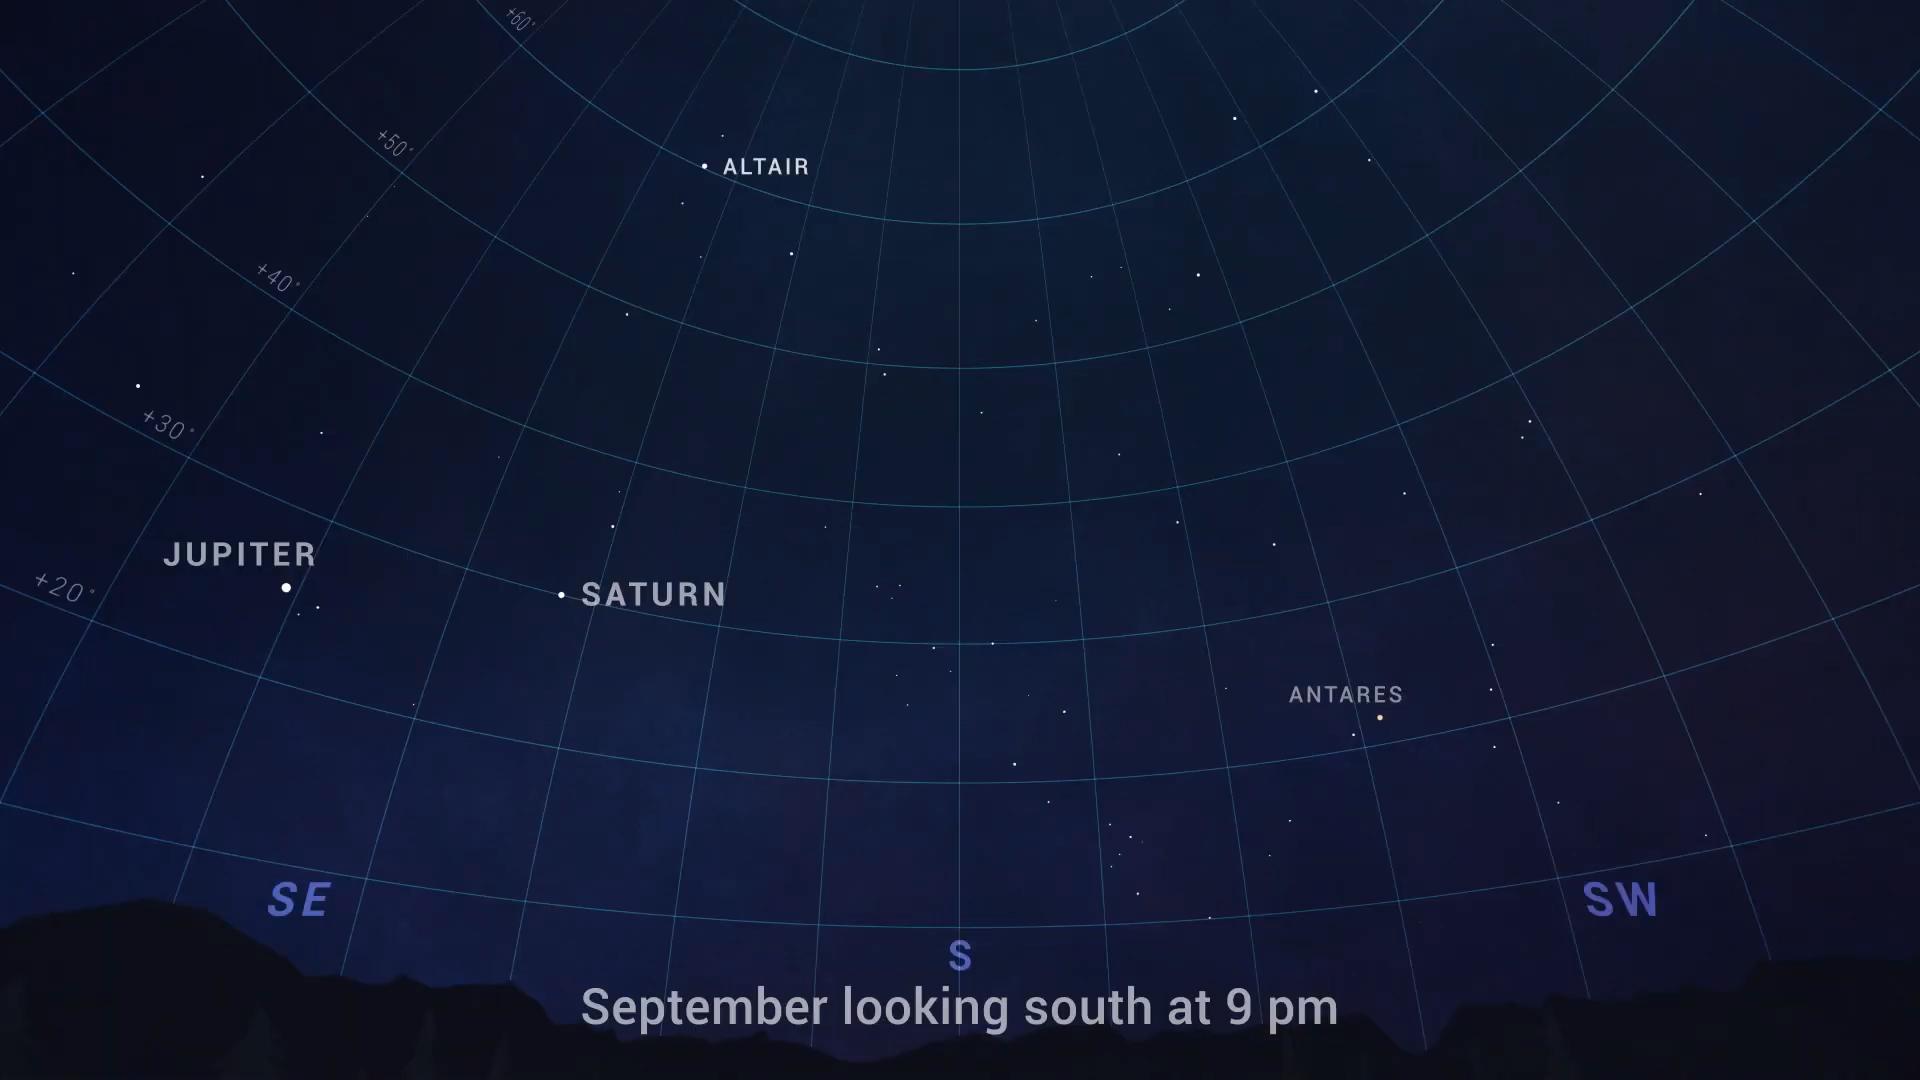 Altair_Sept2021_skychart.jpg